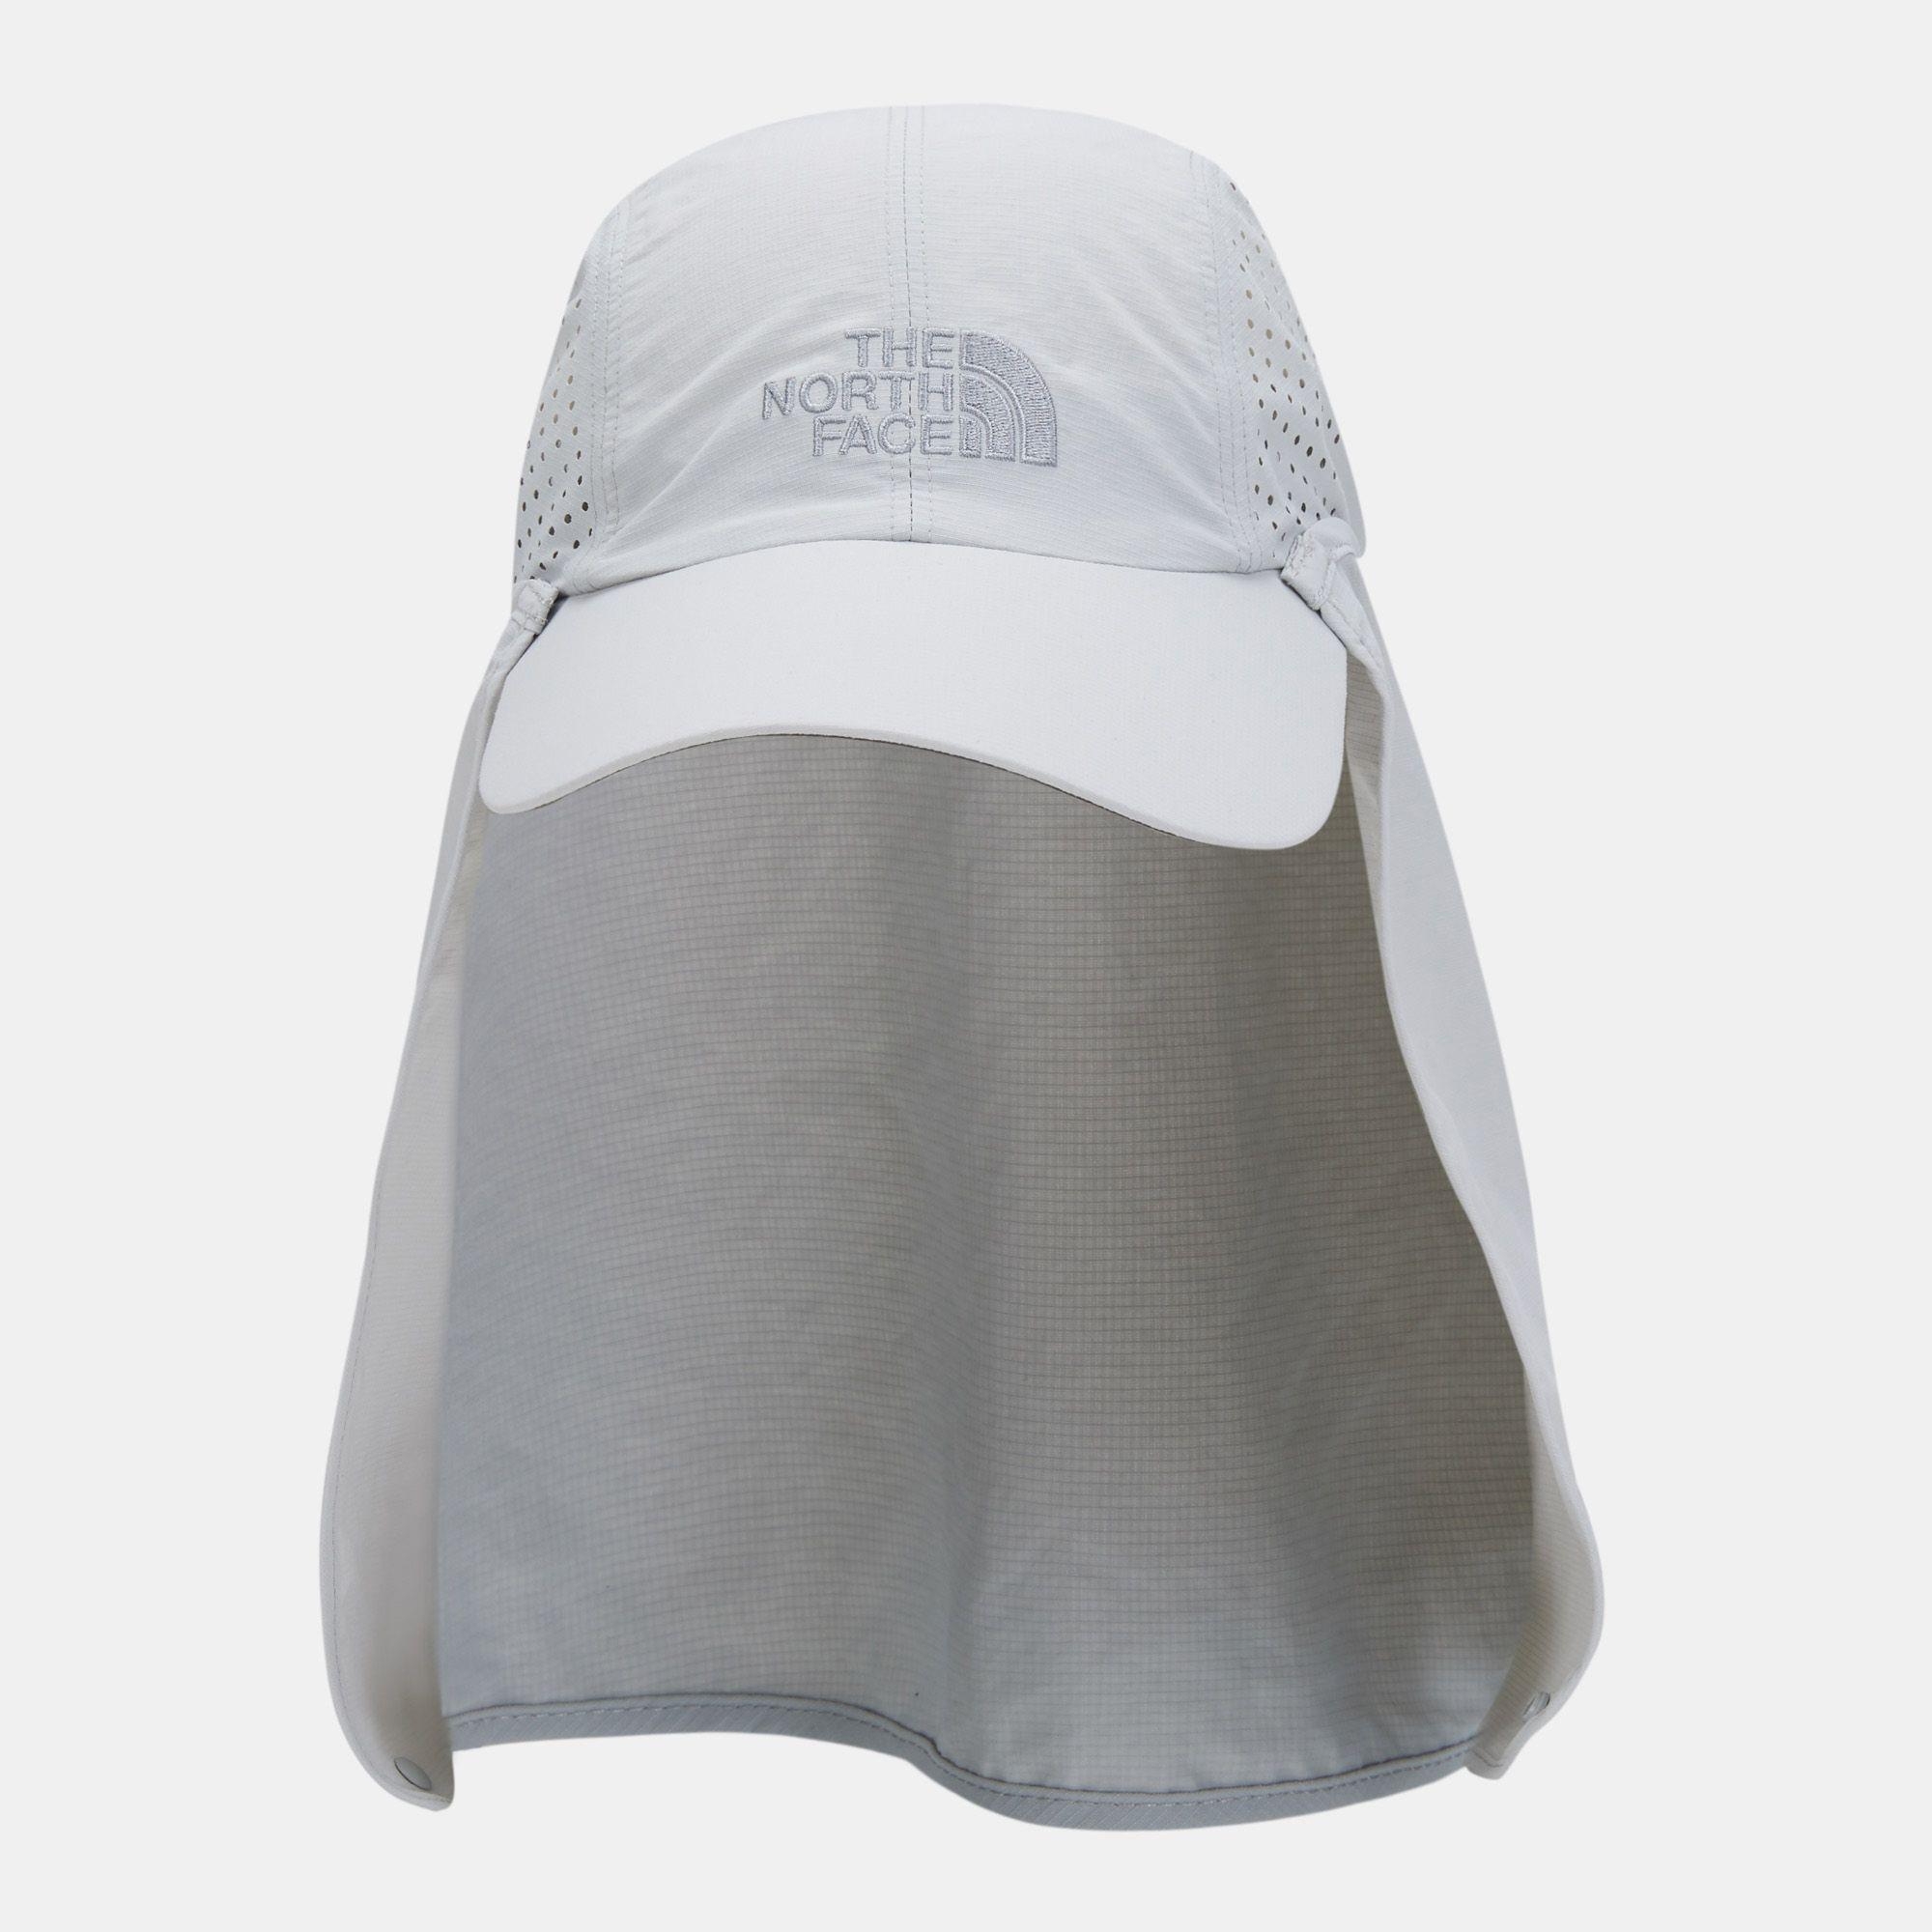 The North Face Sun Shield Ball Cap - Grey 0506b4aa0ca